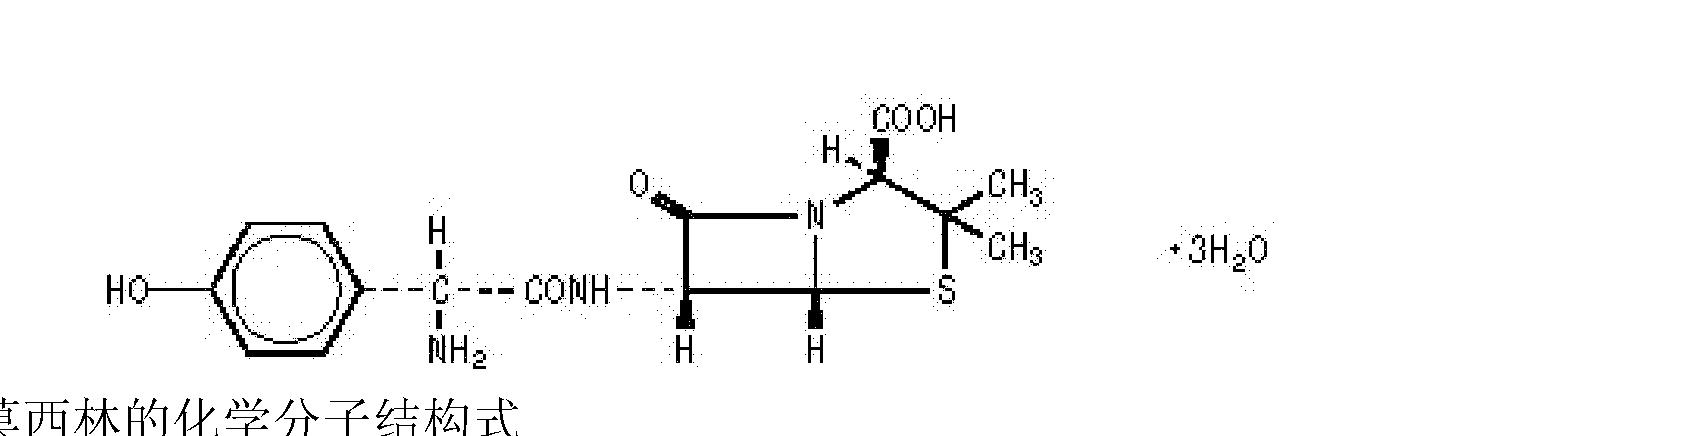 [0012] 克拉维酸钾的化学结构式 [0013] 克拉维酸钾为 -内酰胺酶抑制剂,通过竞争性不可逆的与多型 -内酰胺酶及葡萄球菌产生的青霉素酶结合。克拉维酸钾对胃酸相对稳定,易被吸收,犬给药lh,血药浓度达峰值,血清蛋白结合率为13%,广泛分布于肺、胸膜液和腹水,唾液、痰液和脑脊液中浓度较低,表观分布容积为0.